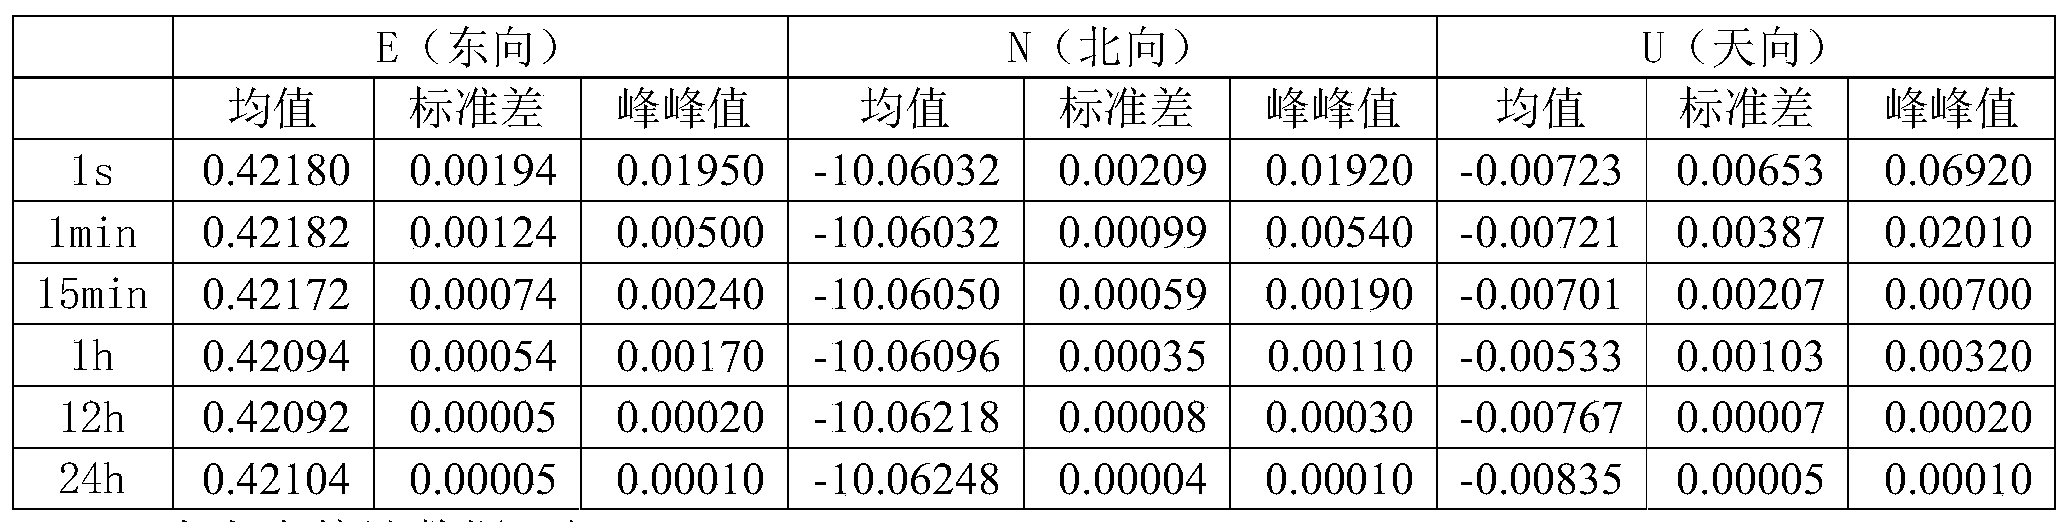 Figure PCTCN2019101556-appb-000002